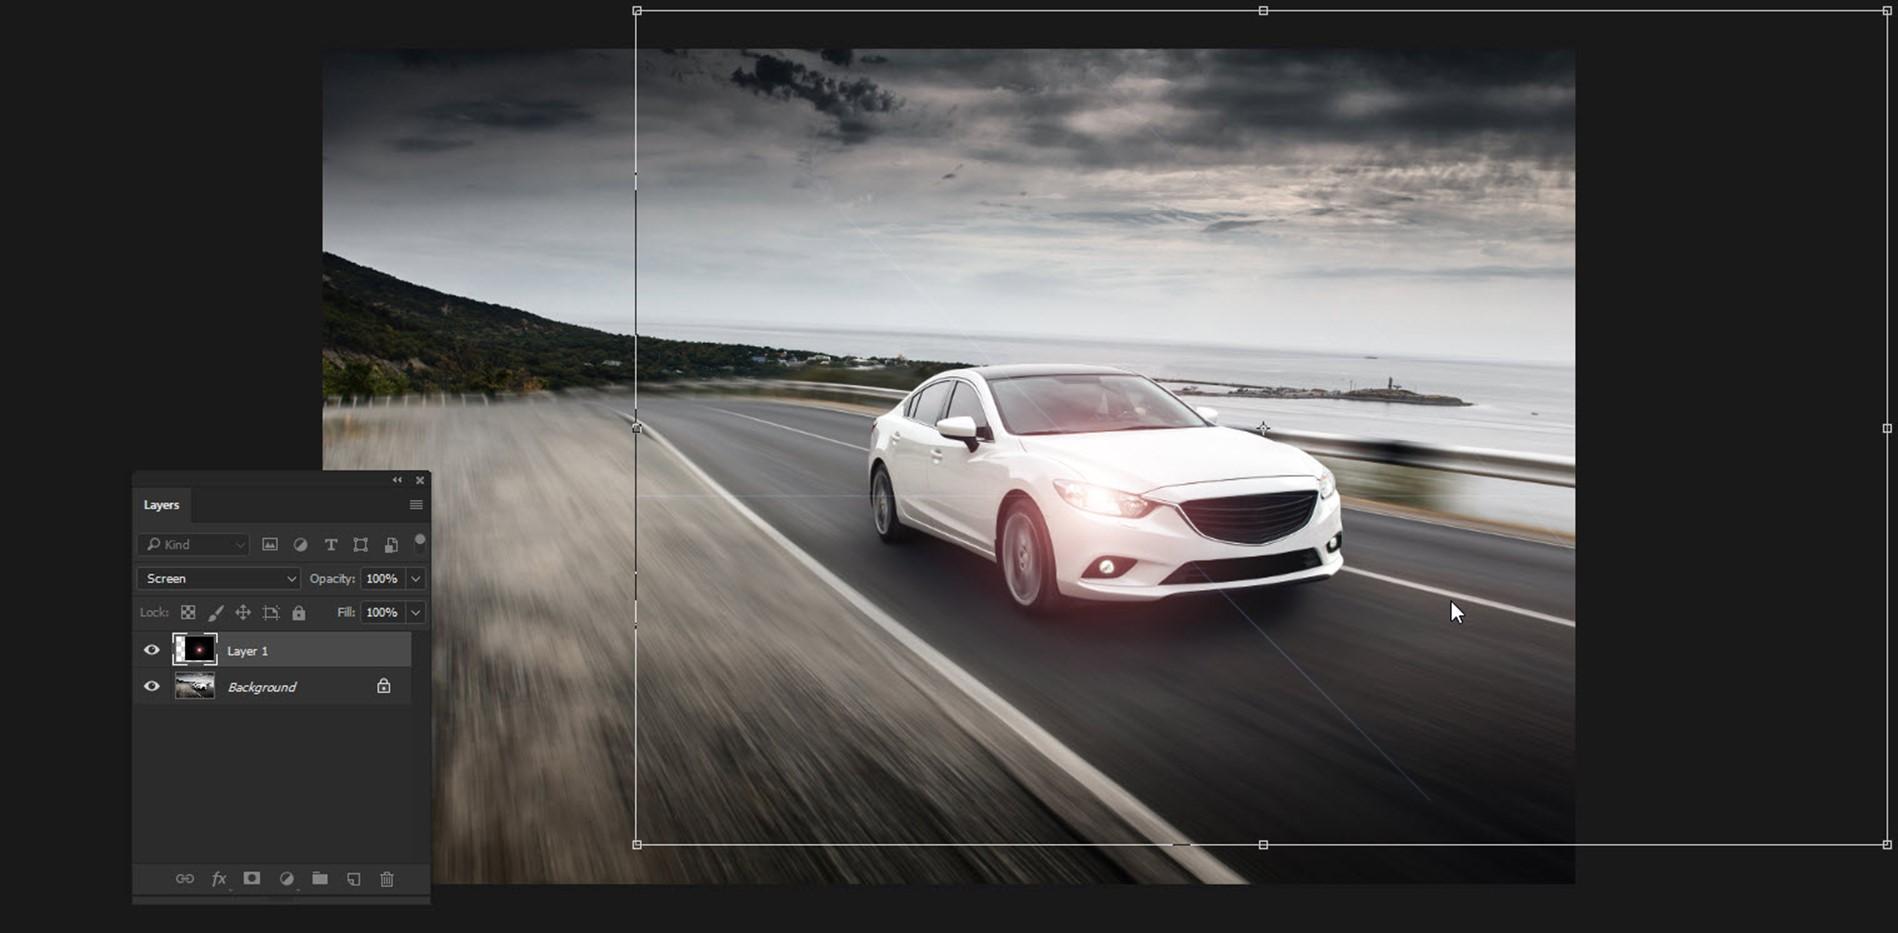 091017_1237_AddRealisti6 - Add Realistic Headlights in Car using Photoshop